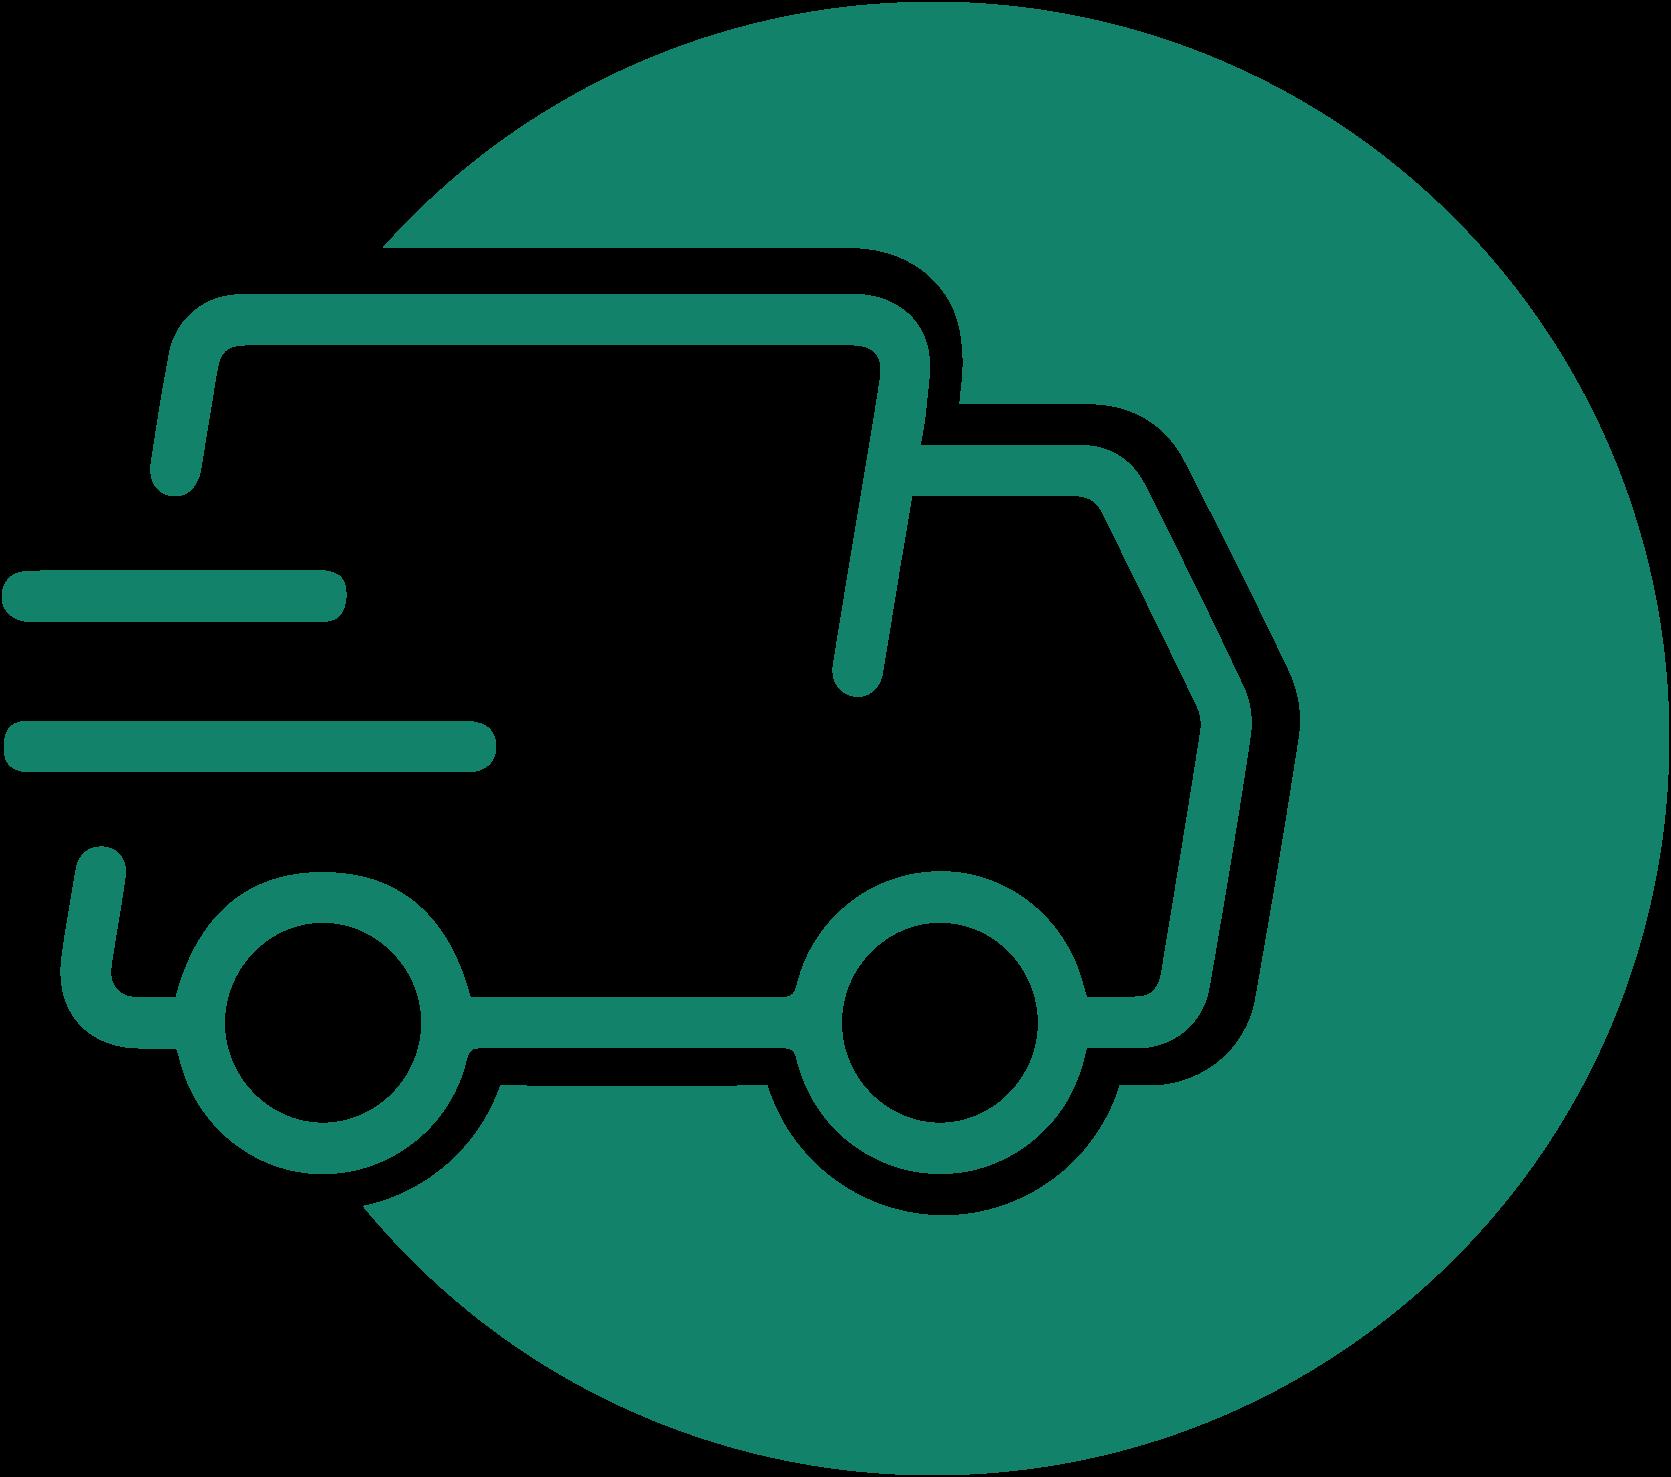 Un service tout compris, pour une tranquillité maximum ! La livraison et la récupération en fin de contrat sont comprises dans votre contrat. Et votre produit bénéficie d\'une garantie complète sur toute la durée du contrat.